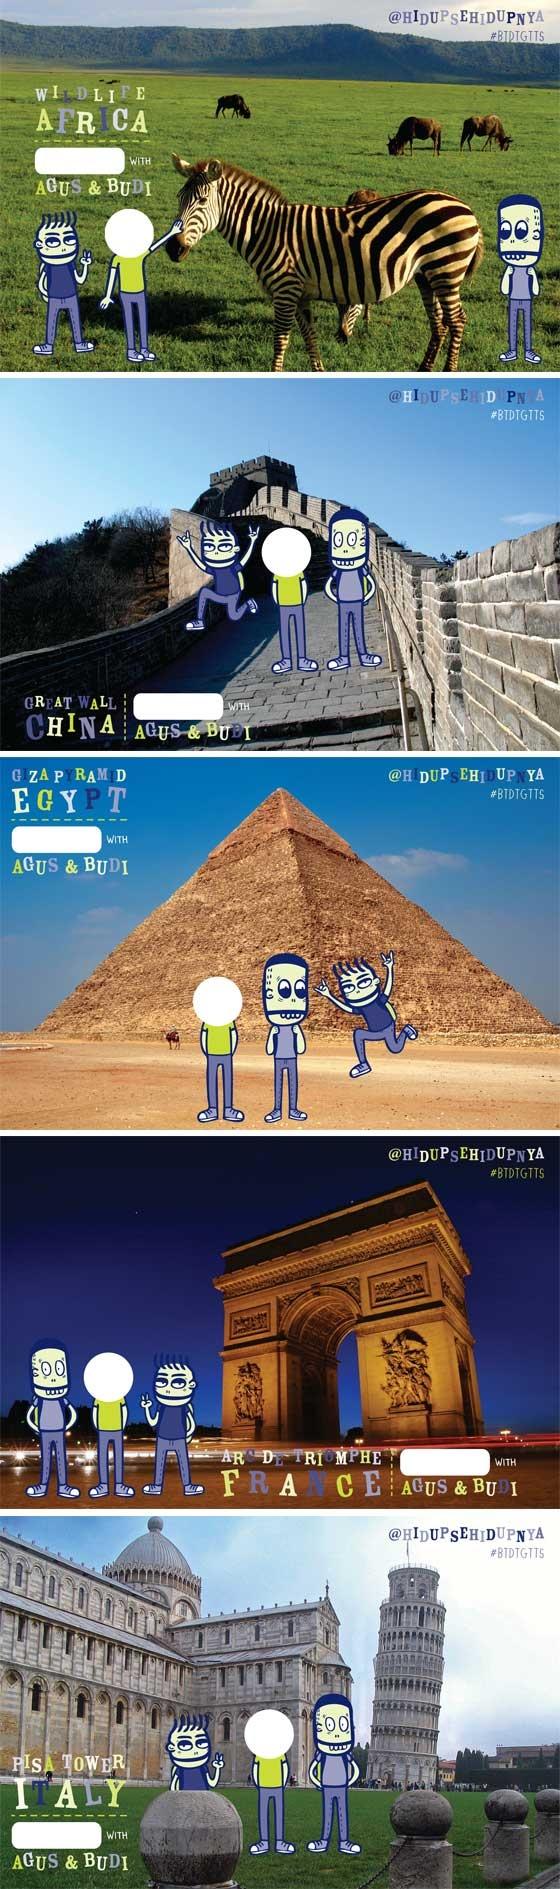 Mari Kirim-Kiriman Kartu Pos! : http://malesbanget.com/2012/04/mari-kirim-kiriman-kartu-pos/